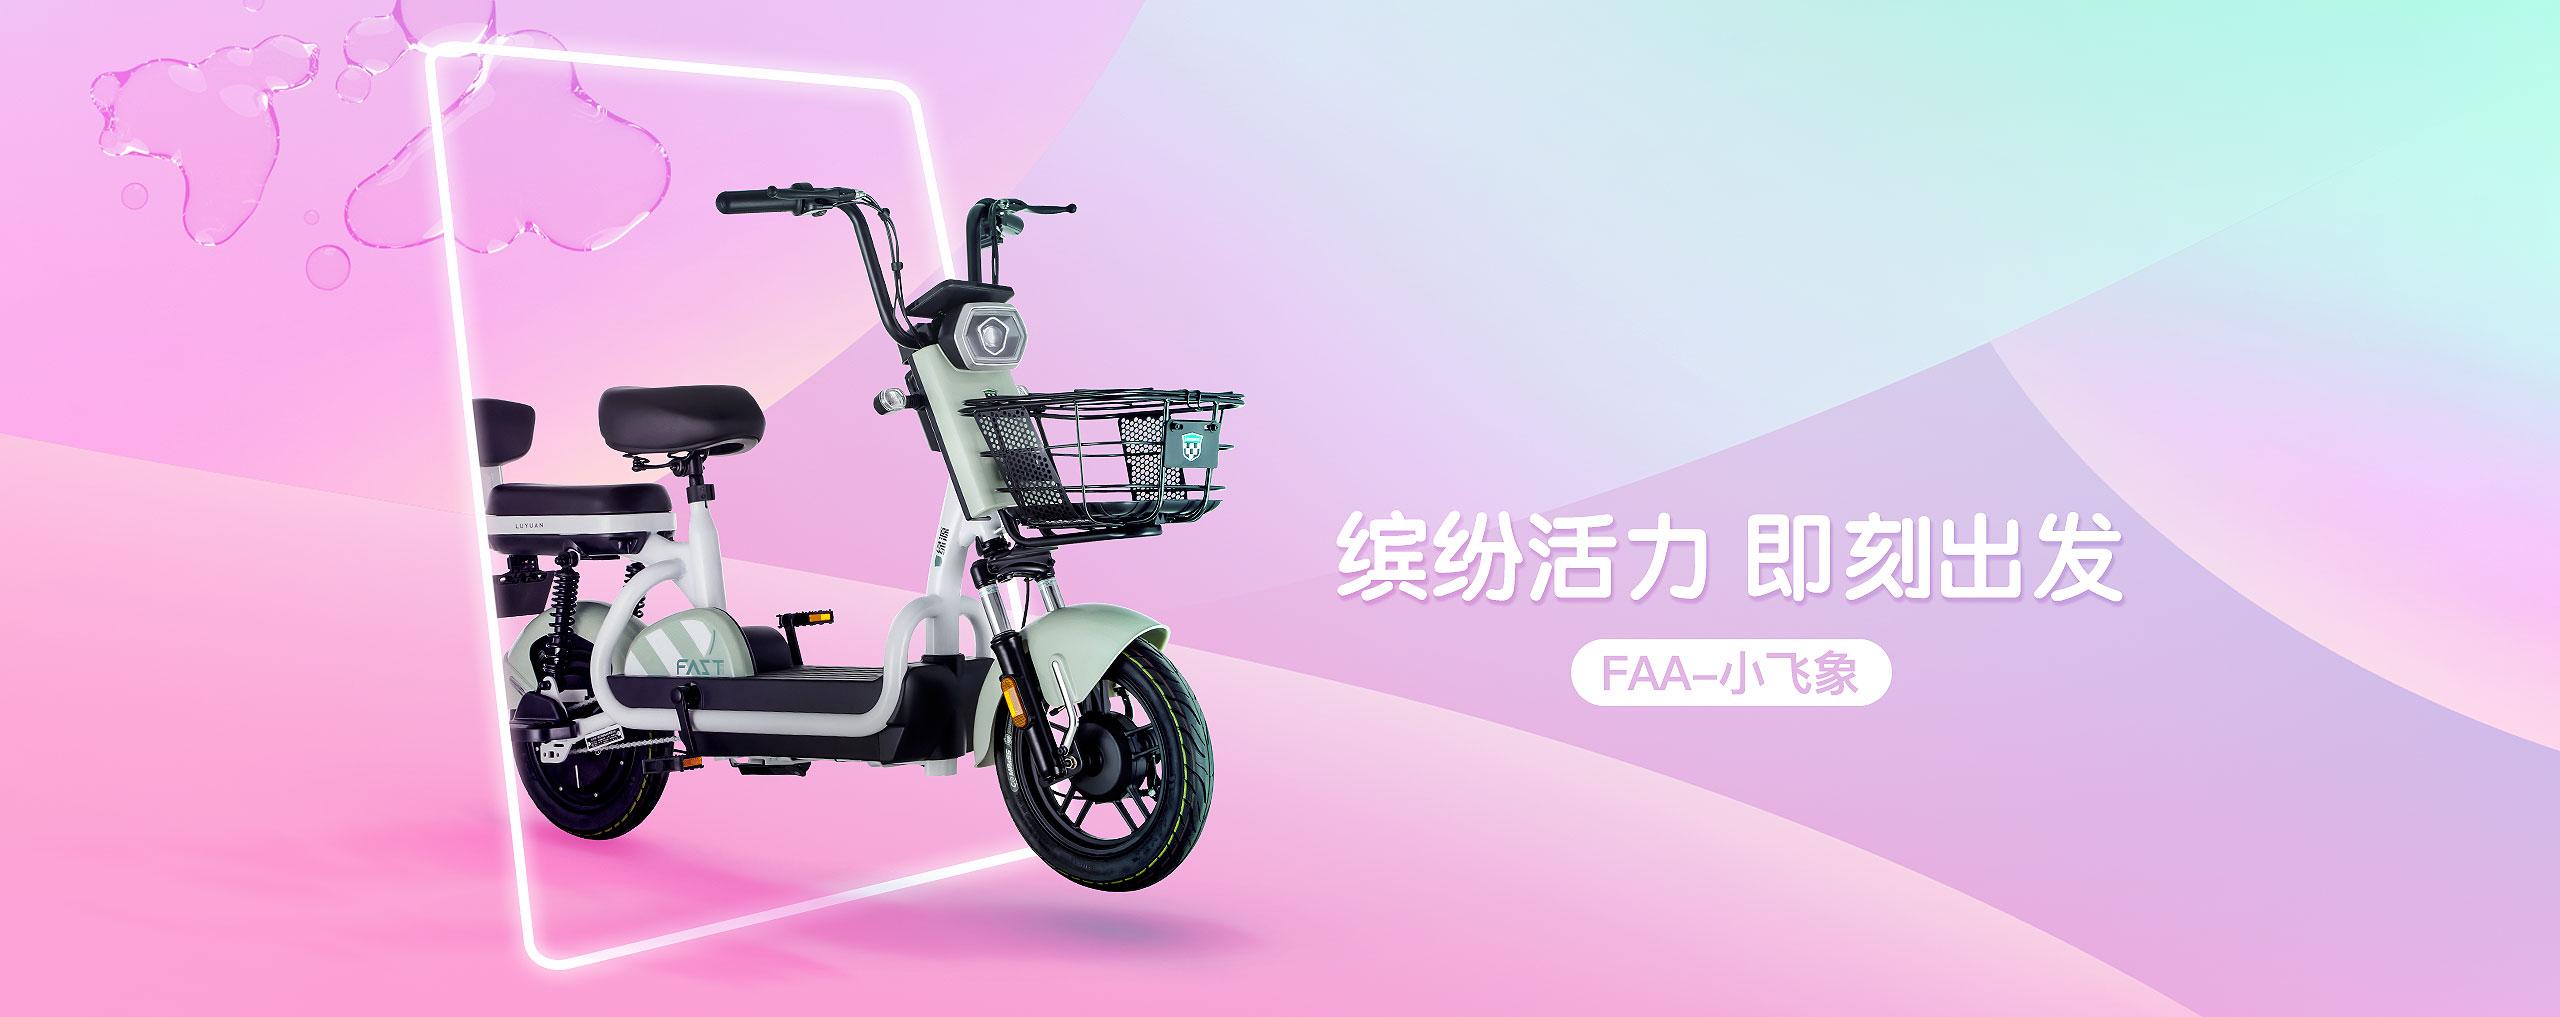 电动自行车-Banner2